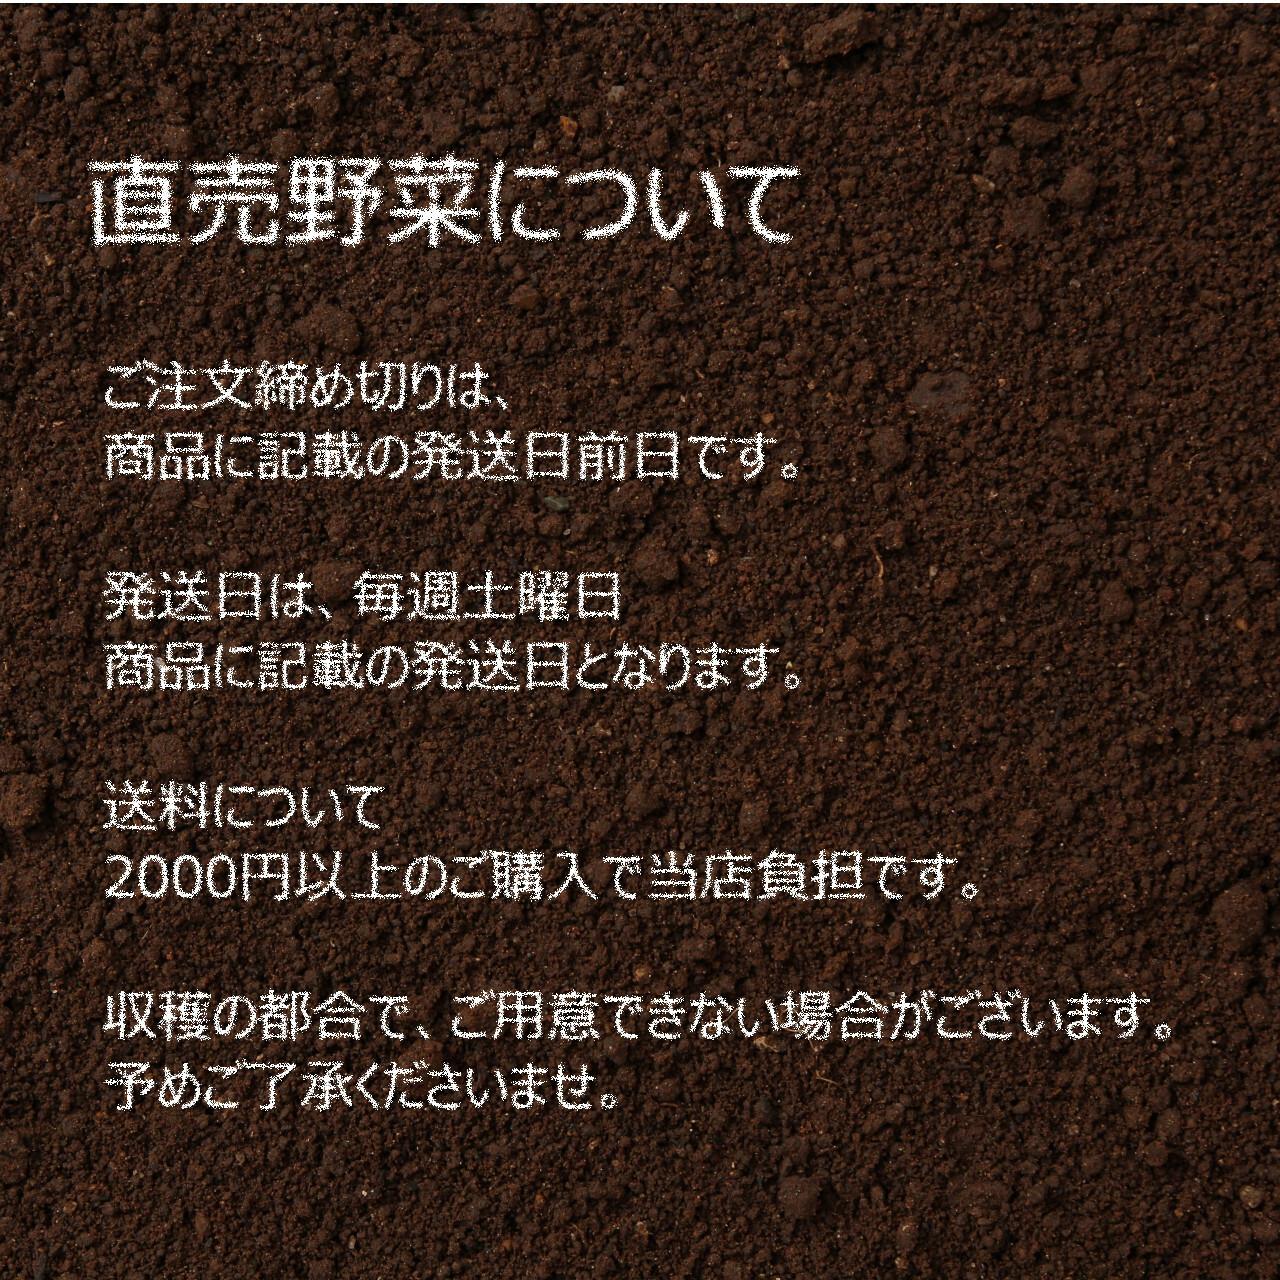 スナップエンドウ 約300g : 6月の朝採り直売野菜  春の新鮮野菜 6月20日発送予定